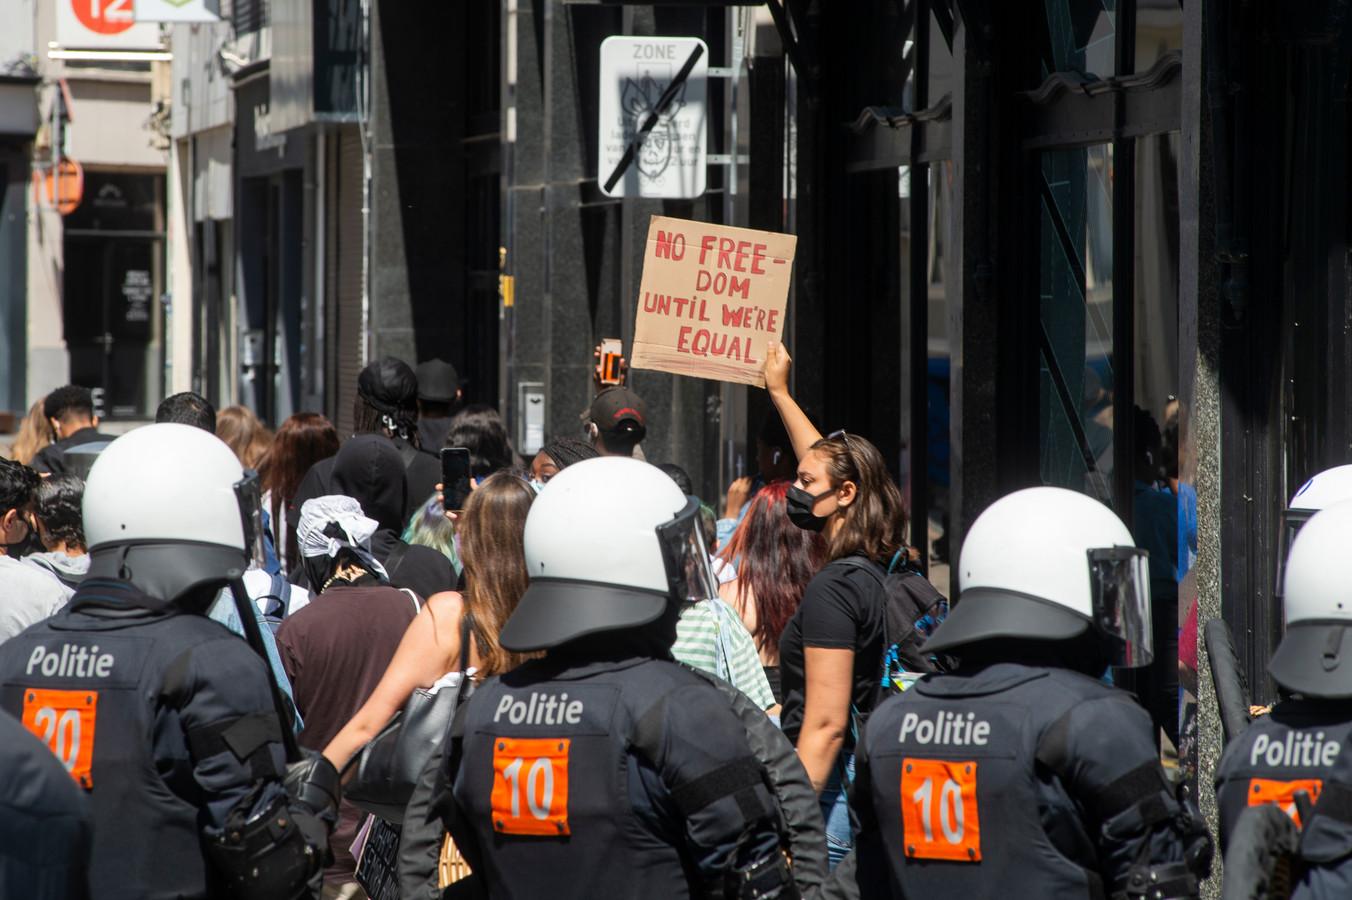 Archiefbeeld. Op de Meir in Antwerpen demonstreren manifestanten tegen politiegeweld. (21/07/2020)